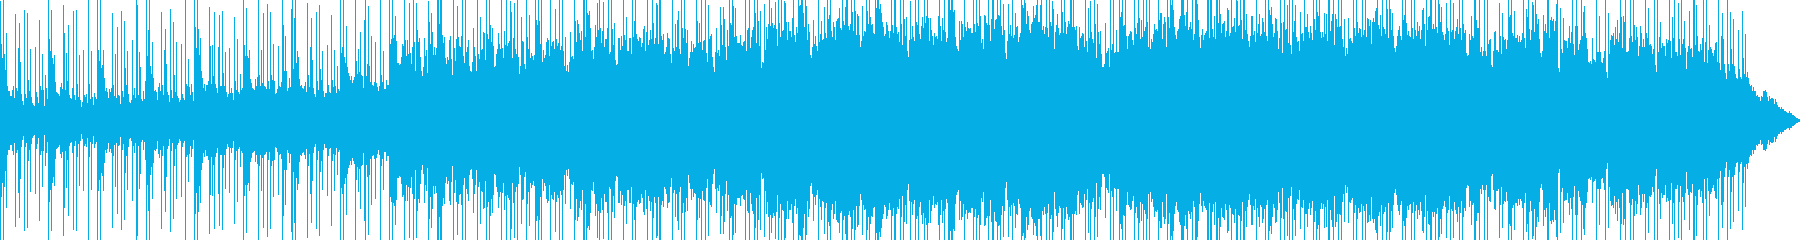 シネマティックなオーケストラ+ドラムの再生済みの波形